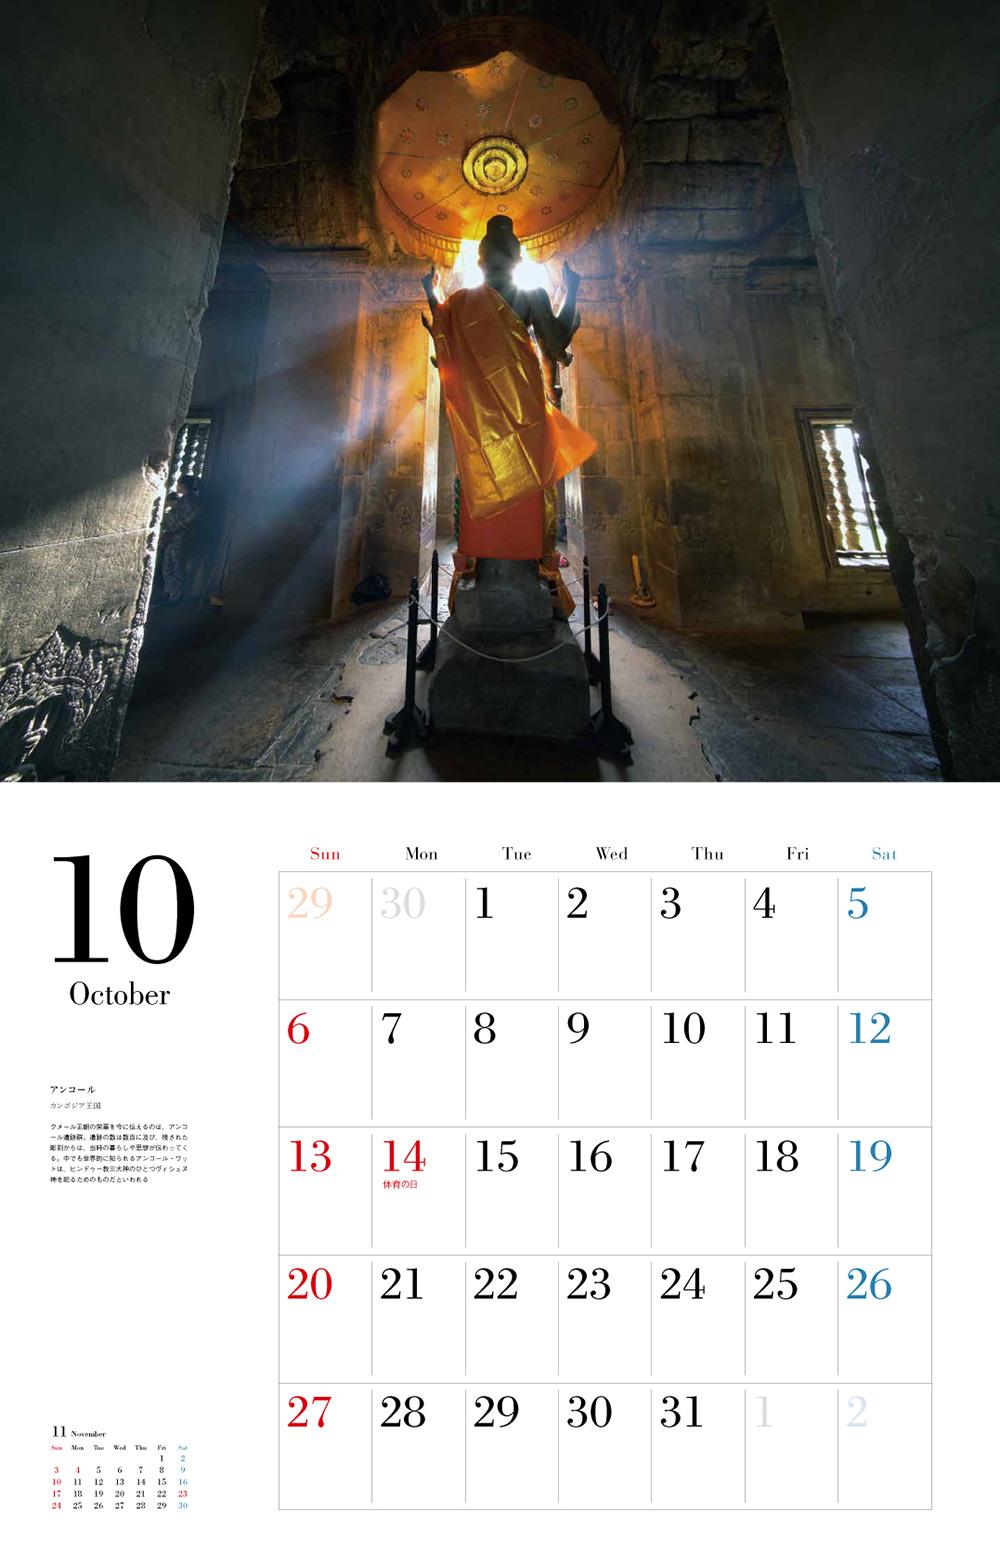 カレンダー2019 世界遺産